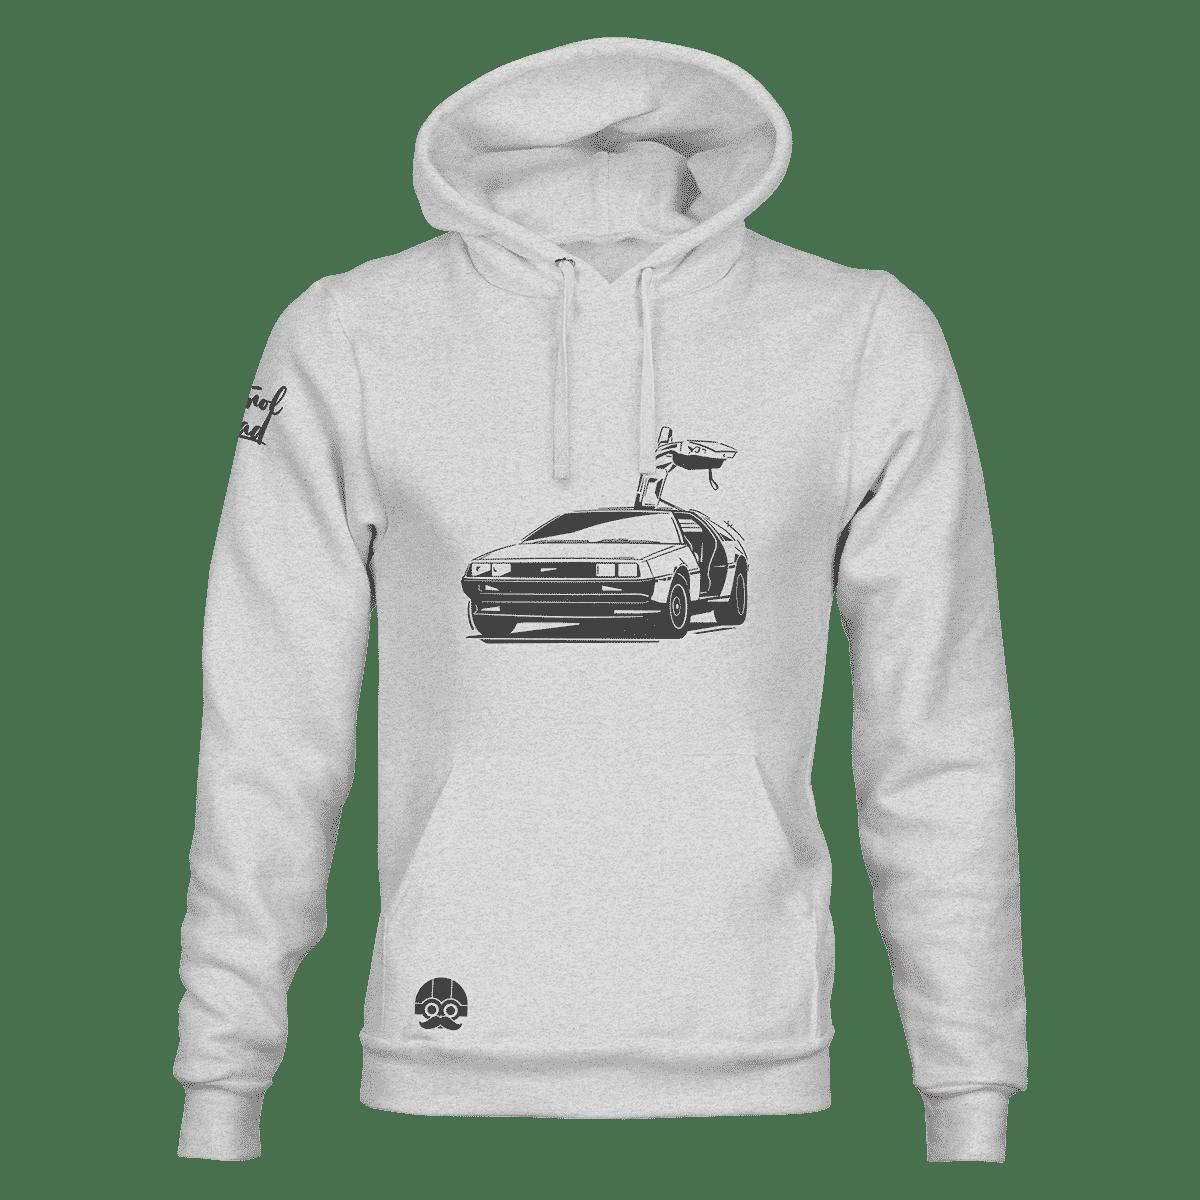 Bluza męska kangurka DeLorean DMC-12